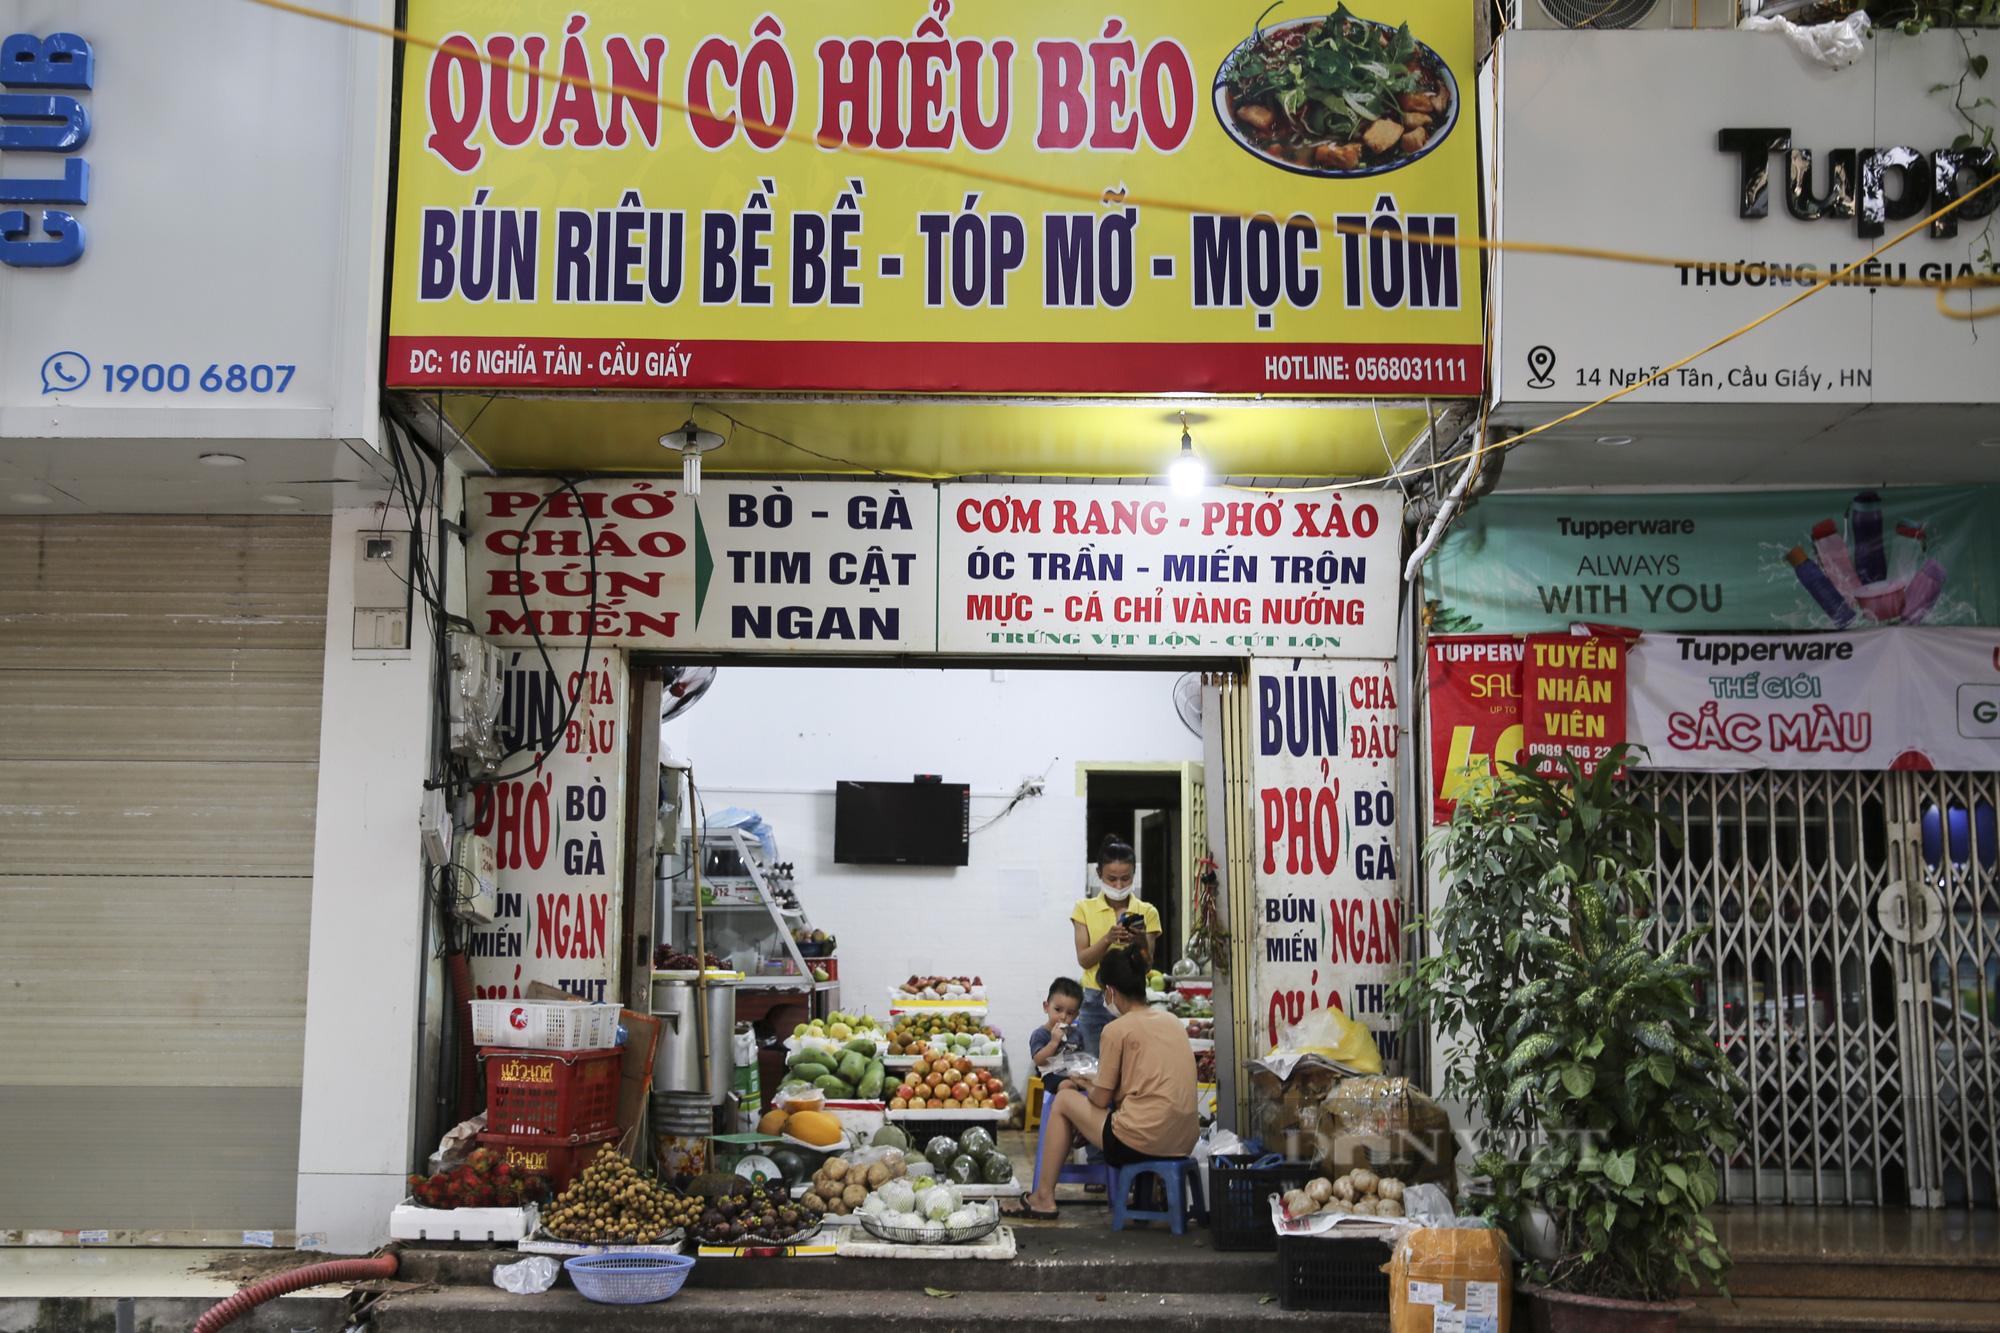 Hà Nội: Nhà hàng, quán cà phê, tiệm cắt tóc... chuyển sang bán thực phẩm thiết yếu - Ảnh 7.